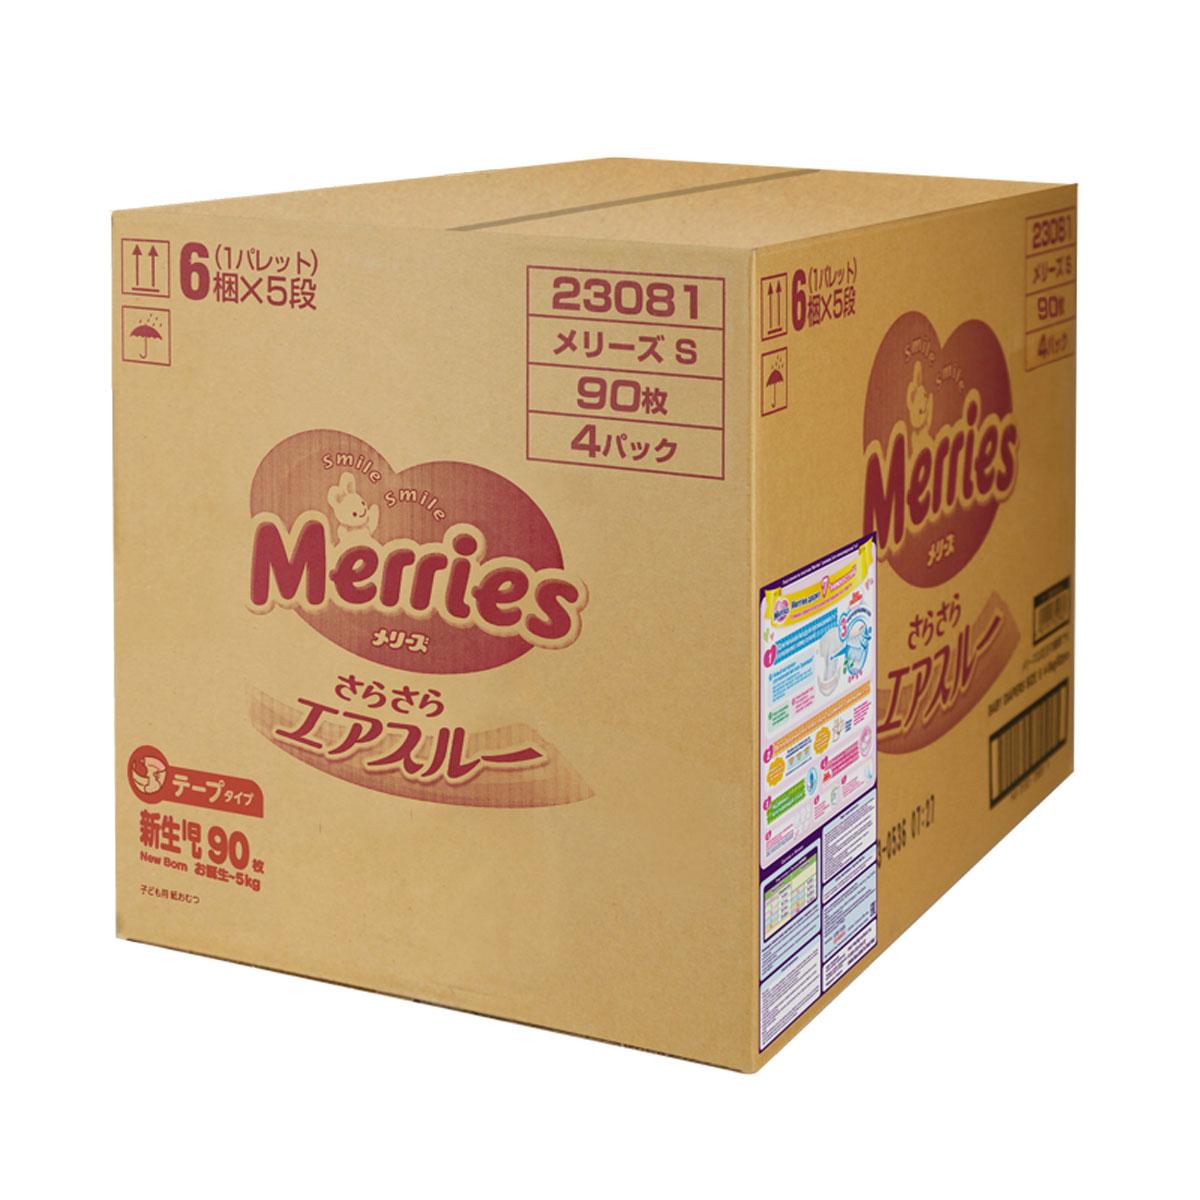 MerriesПодгузники для новорожденных 5 кг 90 шт 4 упаковки Kao Corporation